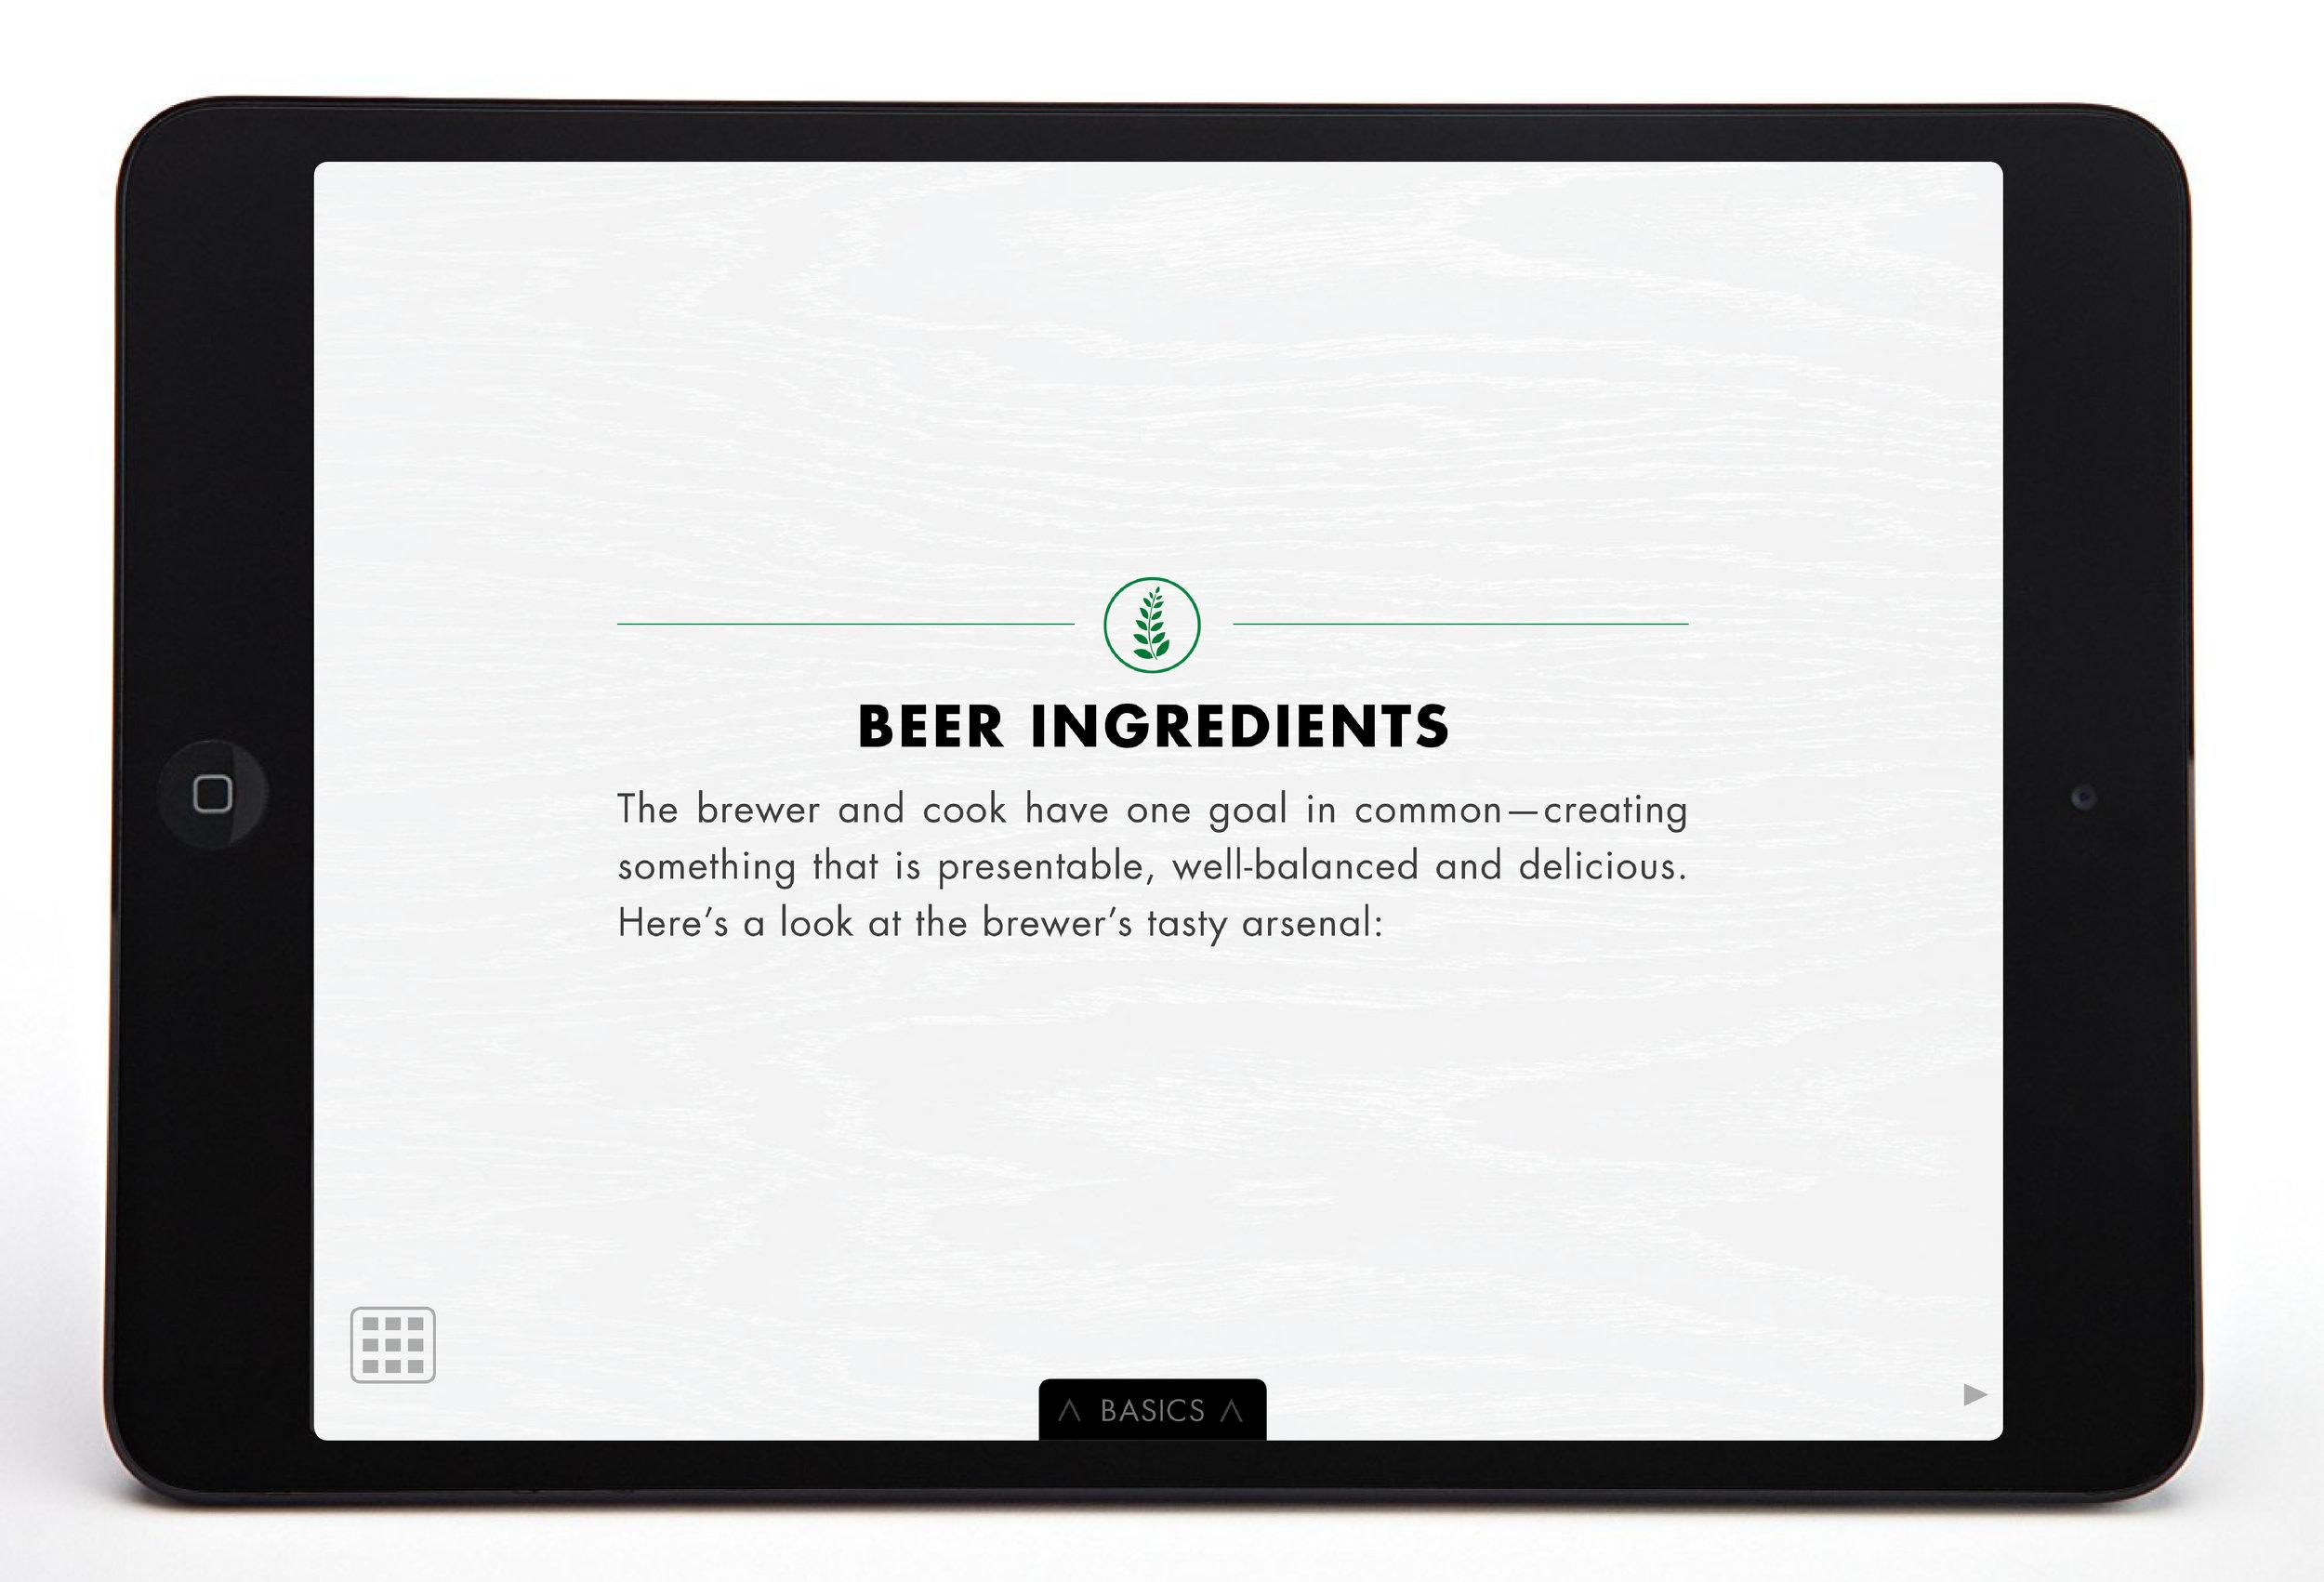 Heineken-food&beer pairing-interactive book6.jpg